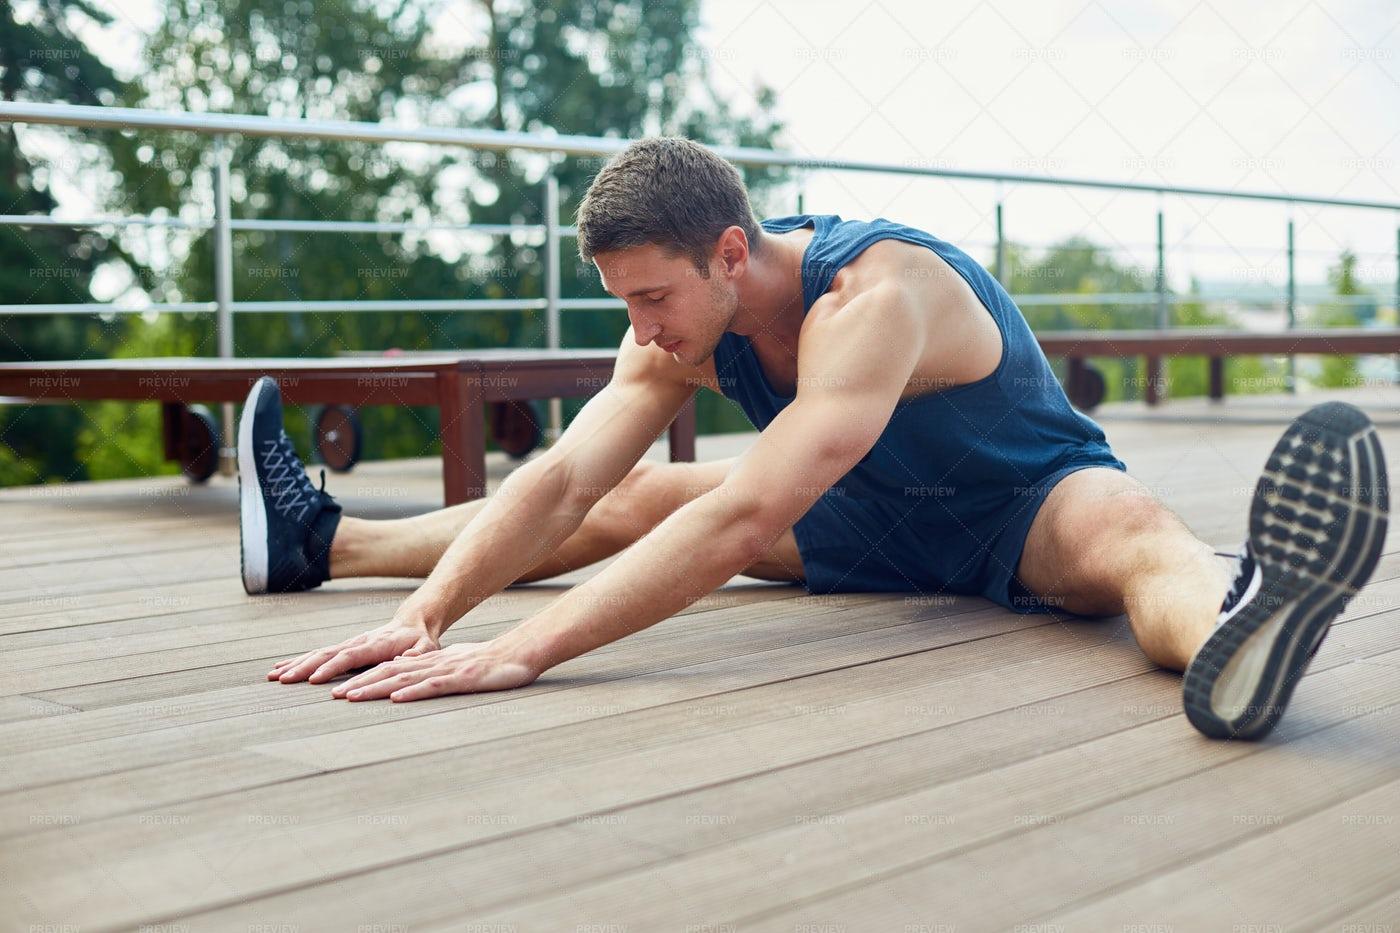 Enjoying Outdoor Workout: Stock Photos